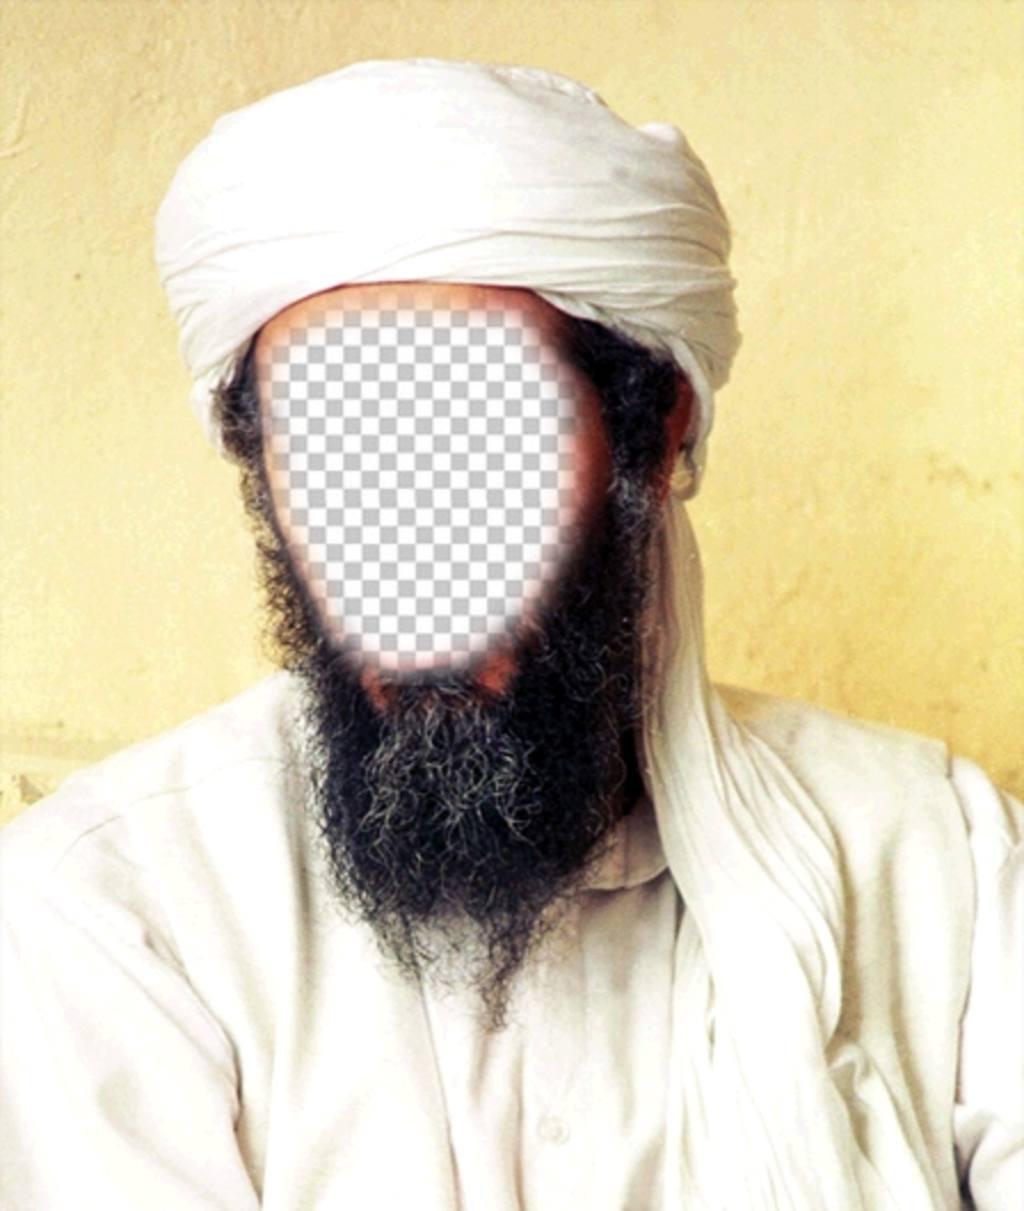 Fotomontagem de Osama Bin Laden para colocar seu rosto em seu disfarce face